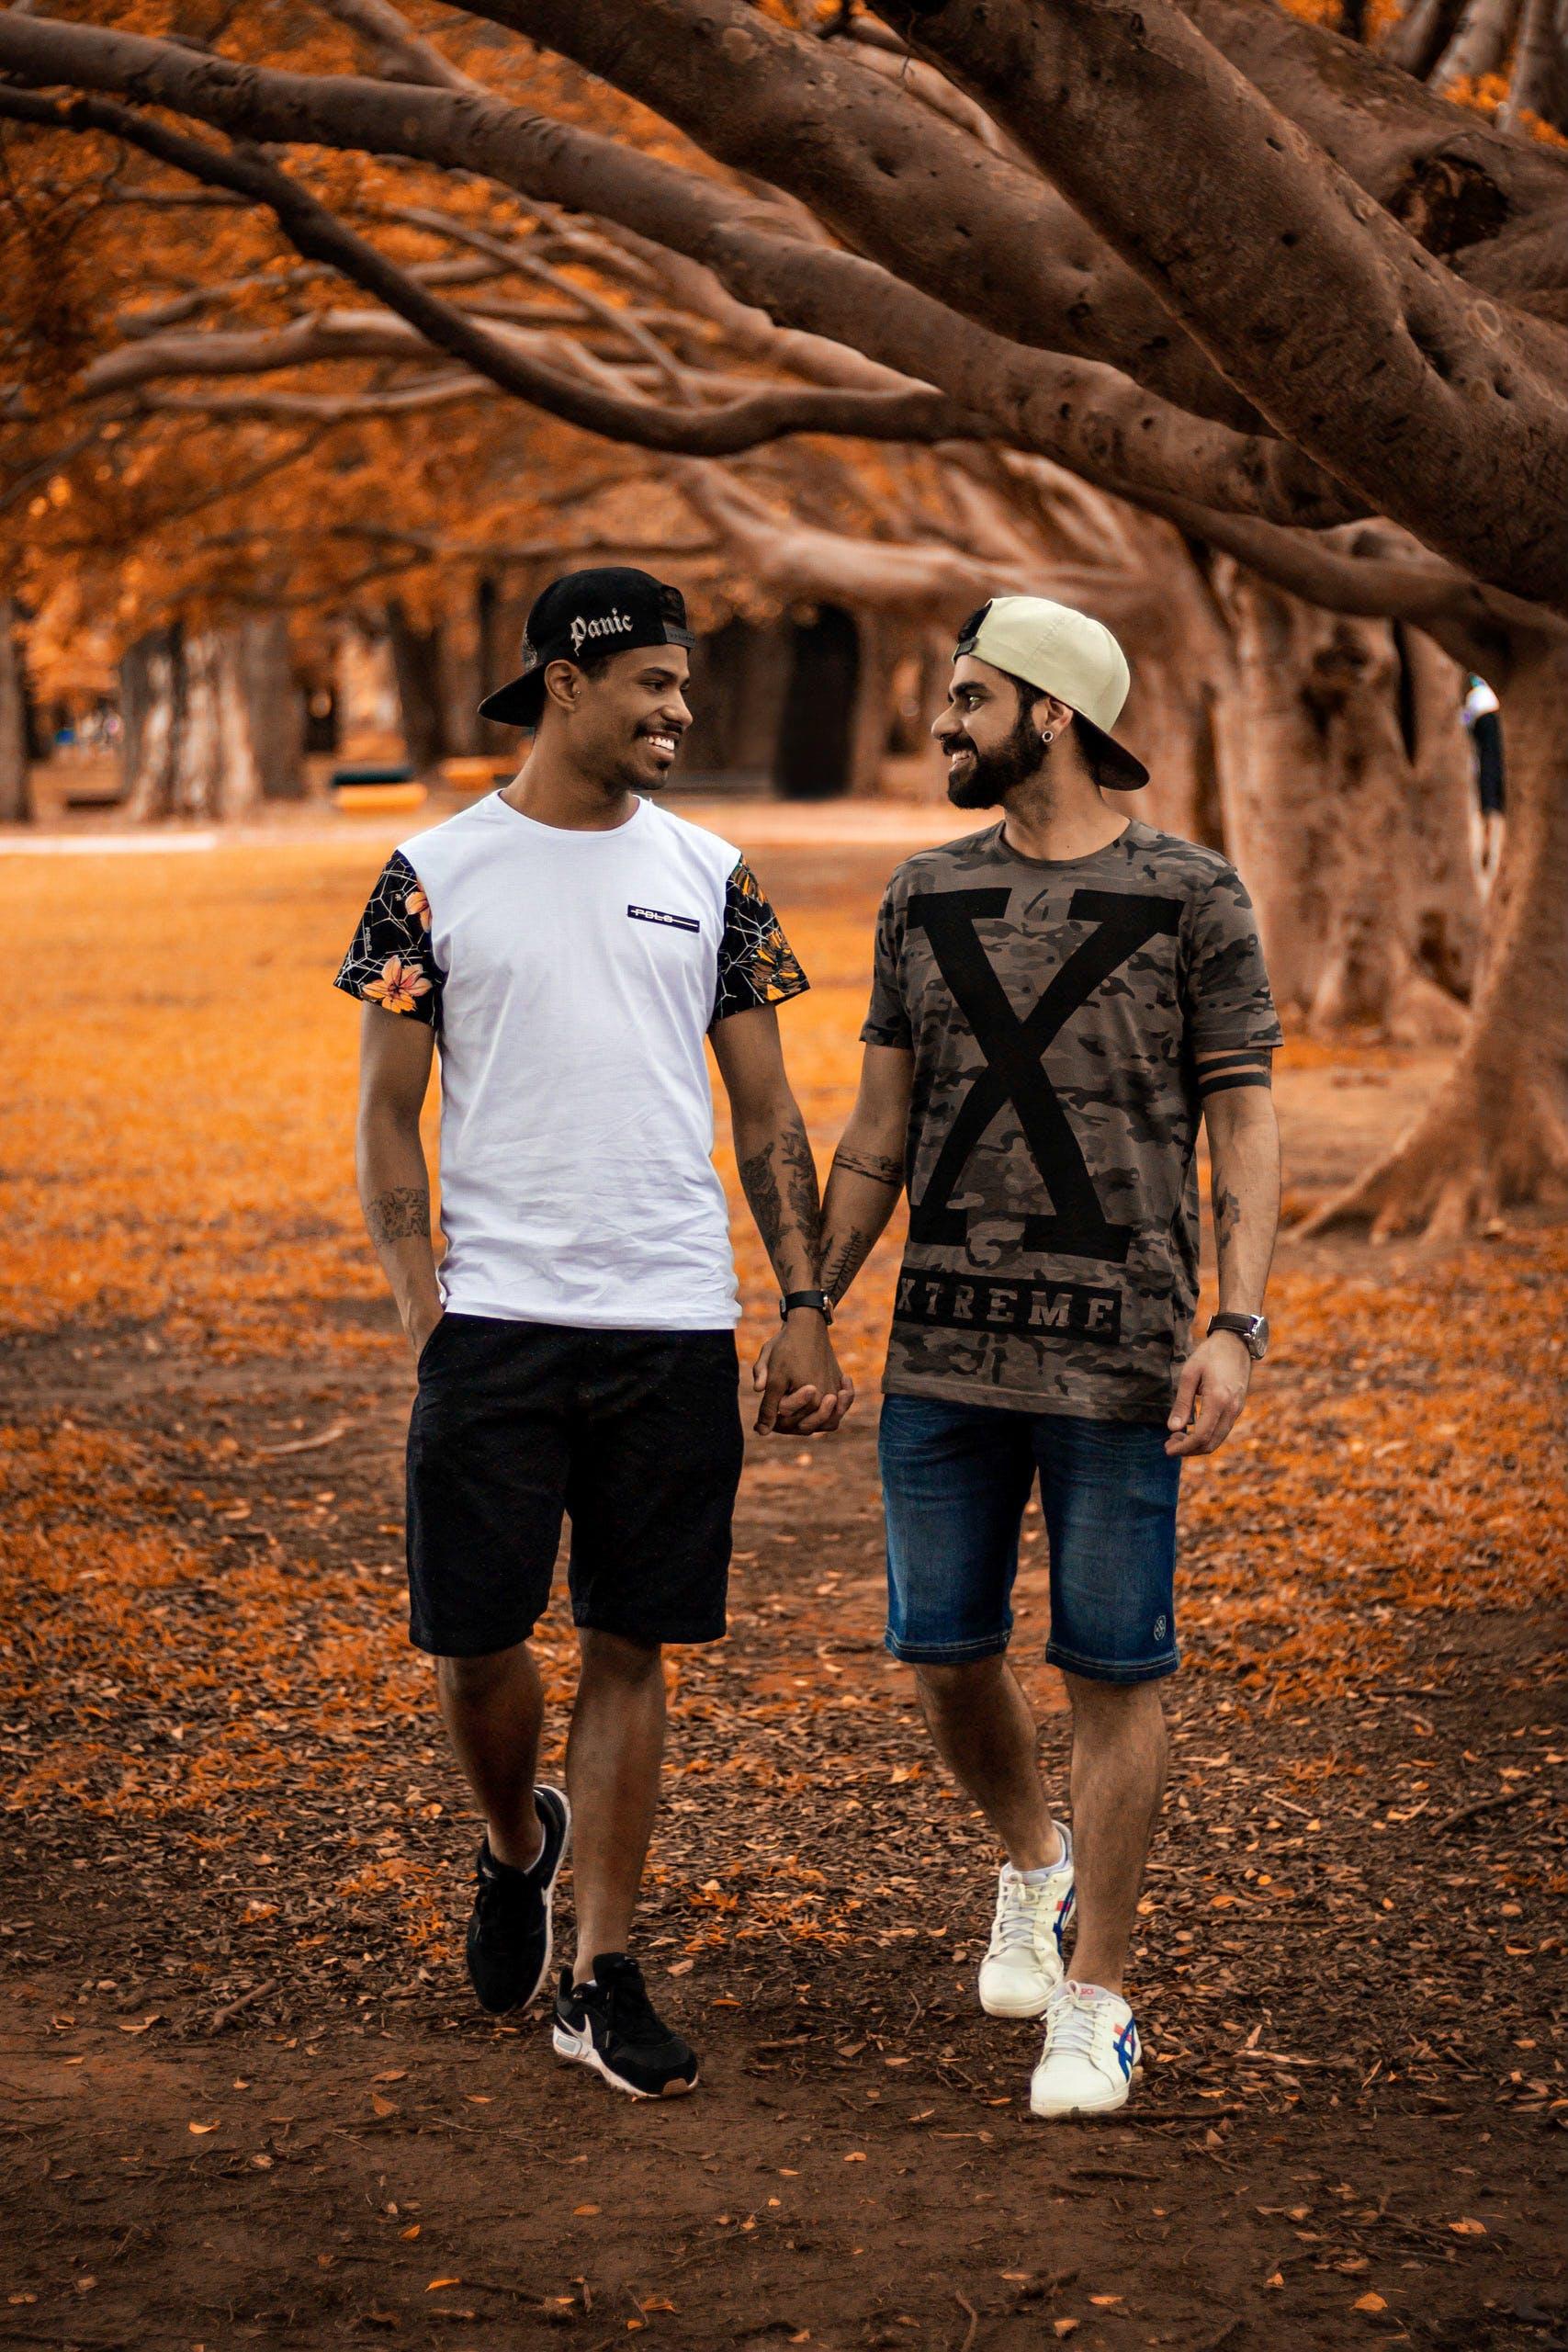 Kostenloses Stock Foto zu bäume, händchen halten, liebe, männer